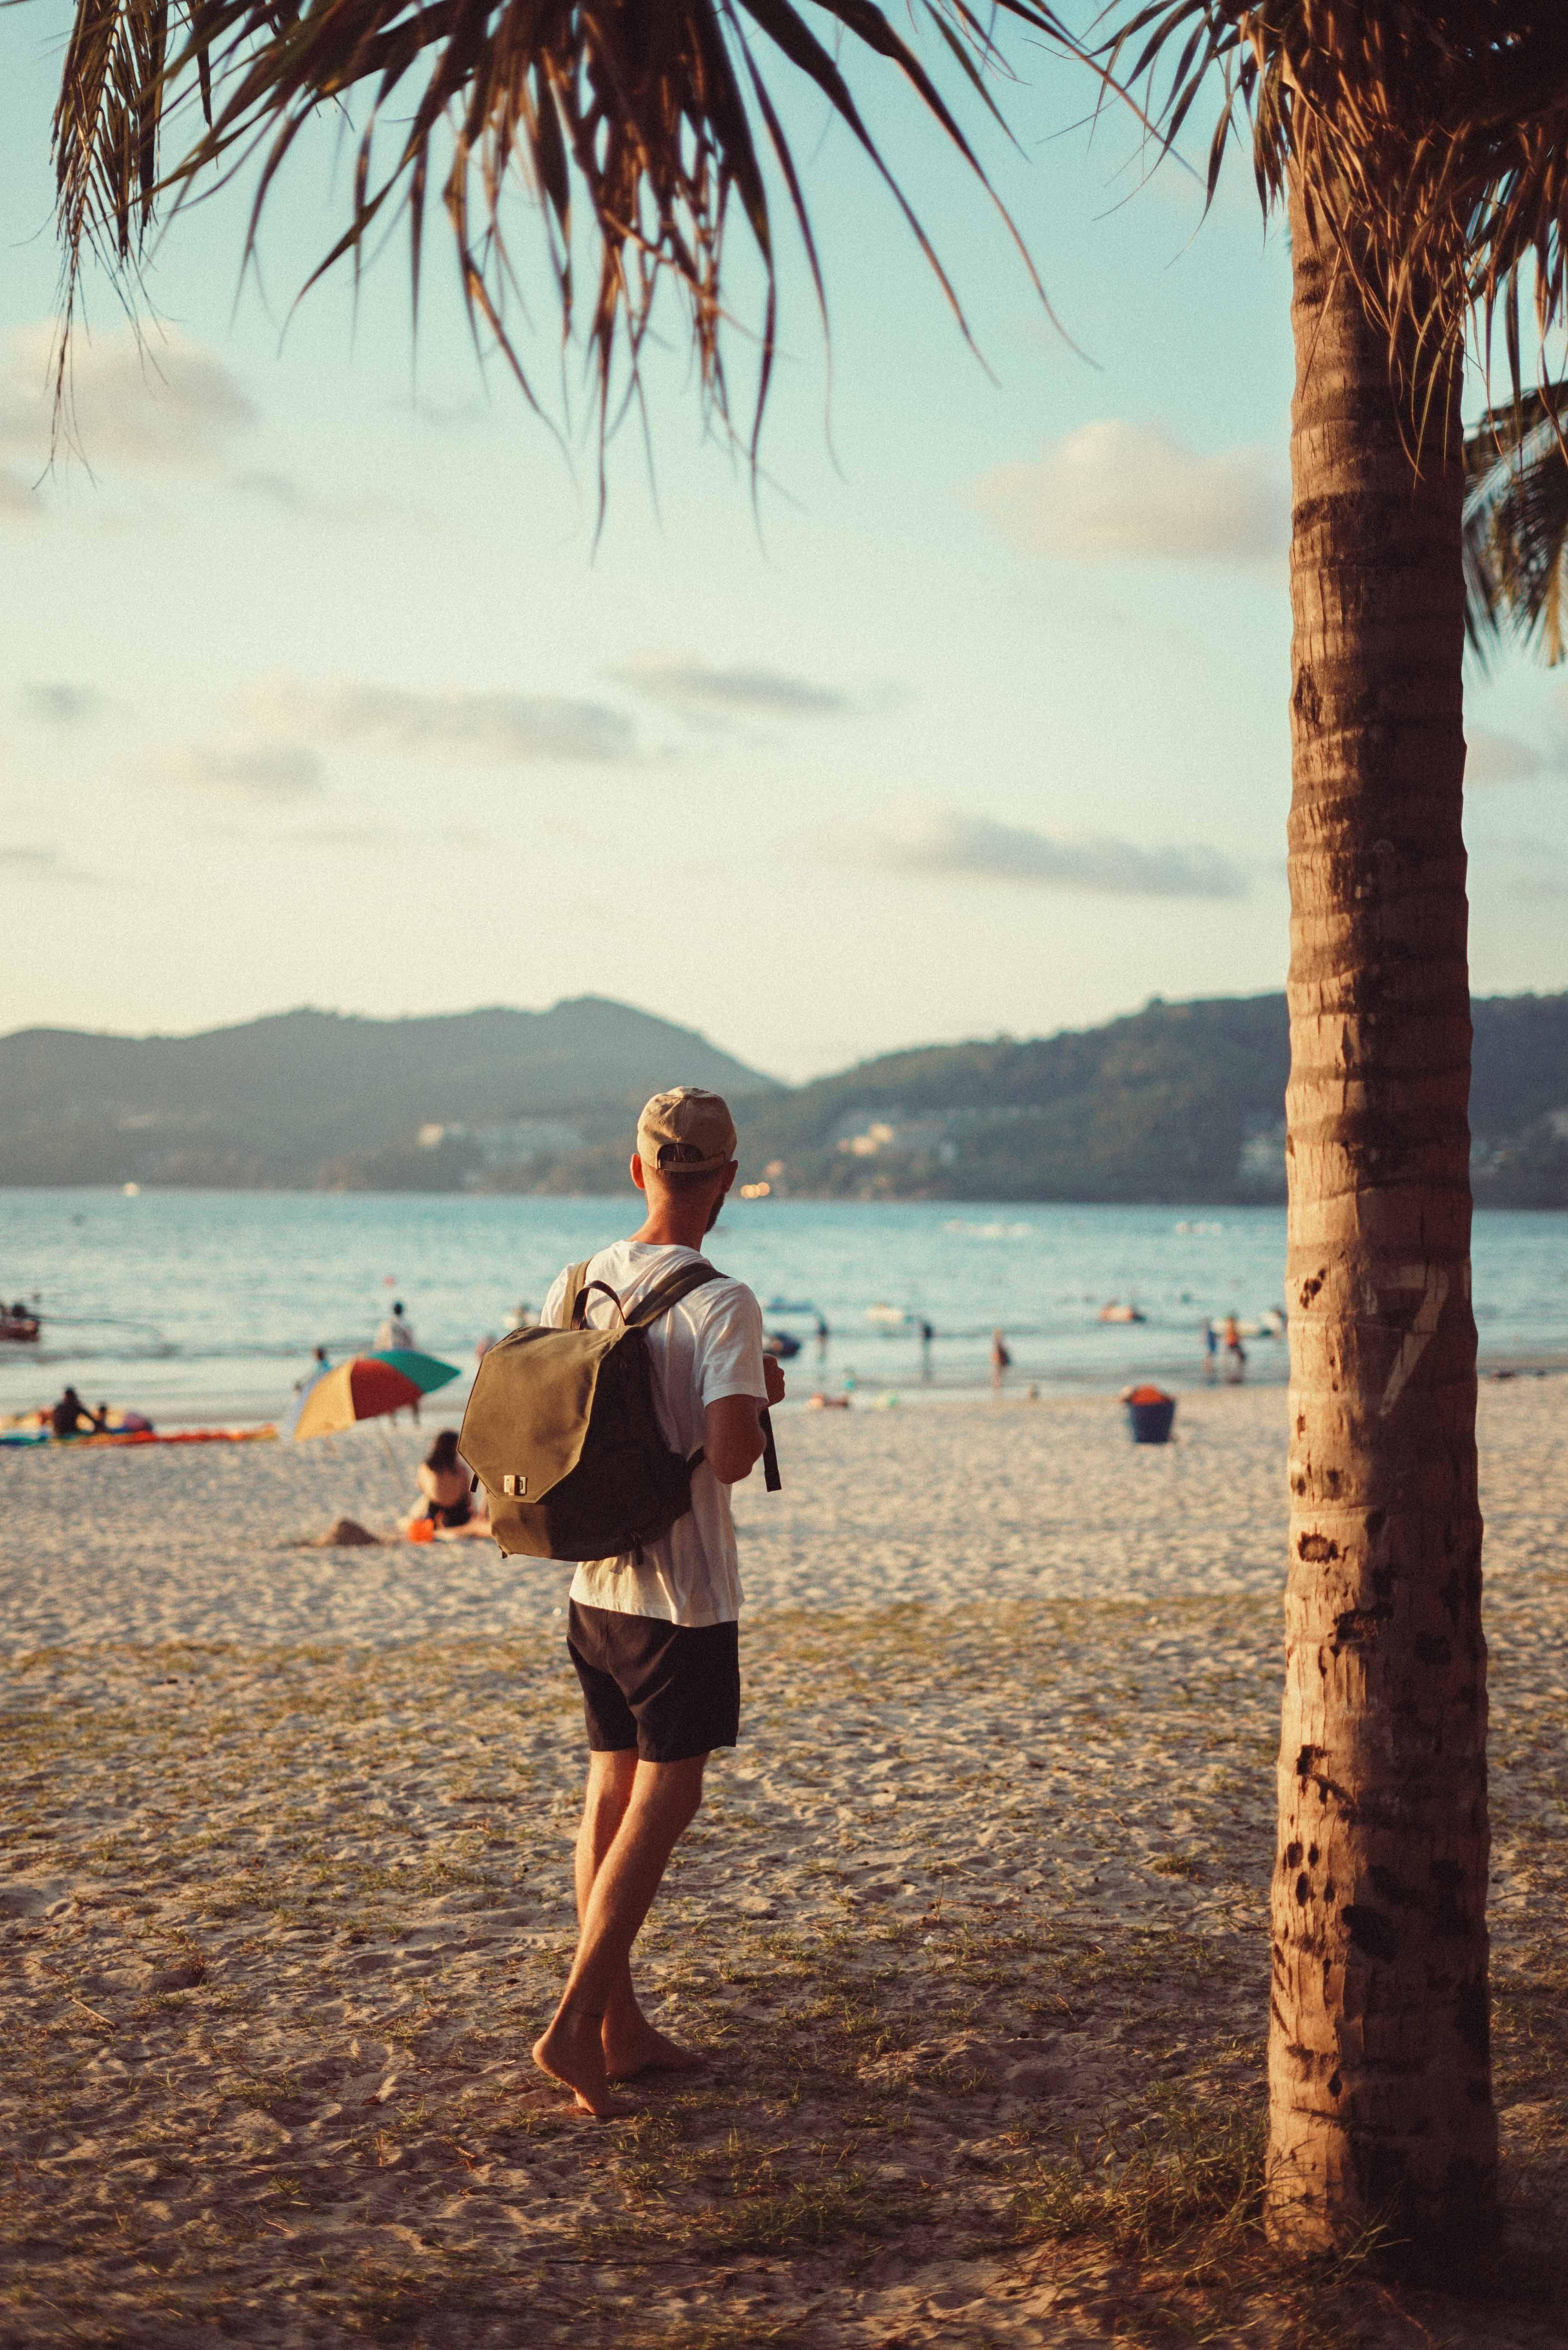 Viel Reisen Mit Wenig Geld Wir Werden Sehr Oft Gefragt Wie Wir Uns Das Viele Reisen Leisten Konnen Manche Wurden Jetzt Vielleic Reisen Verreisen Wochenendtrip